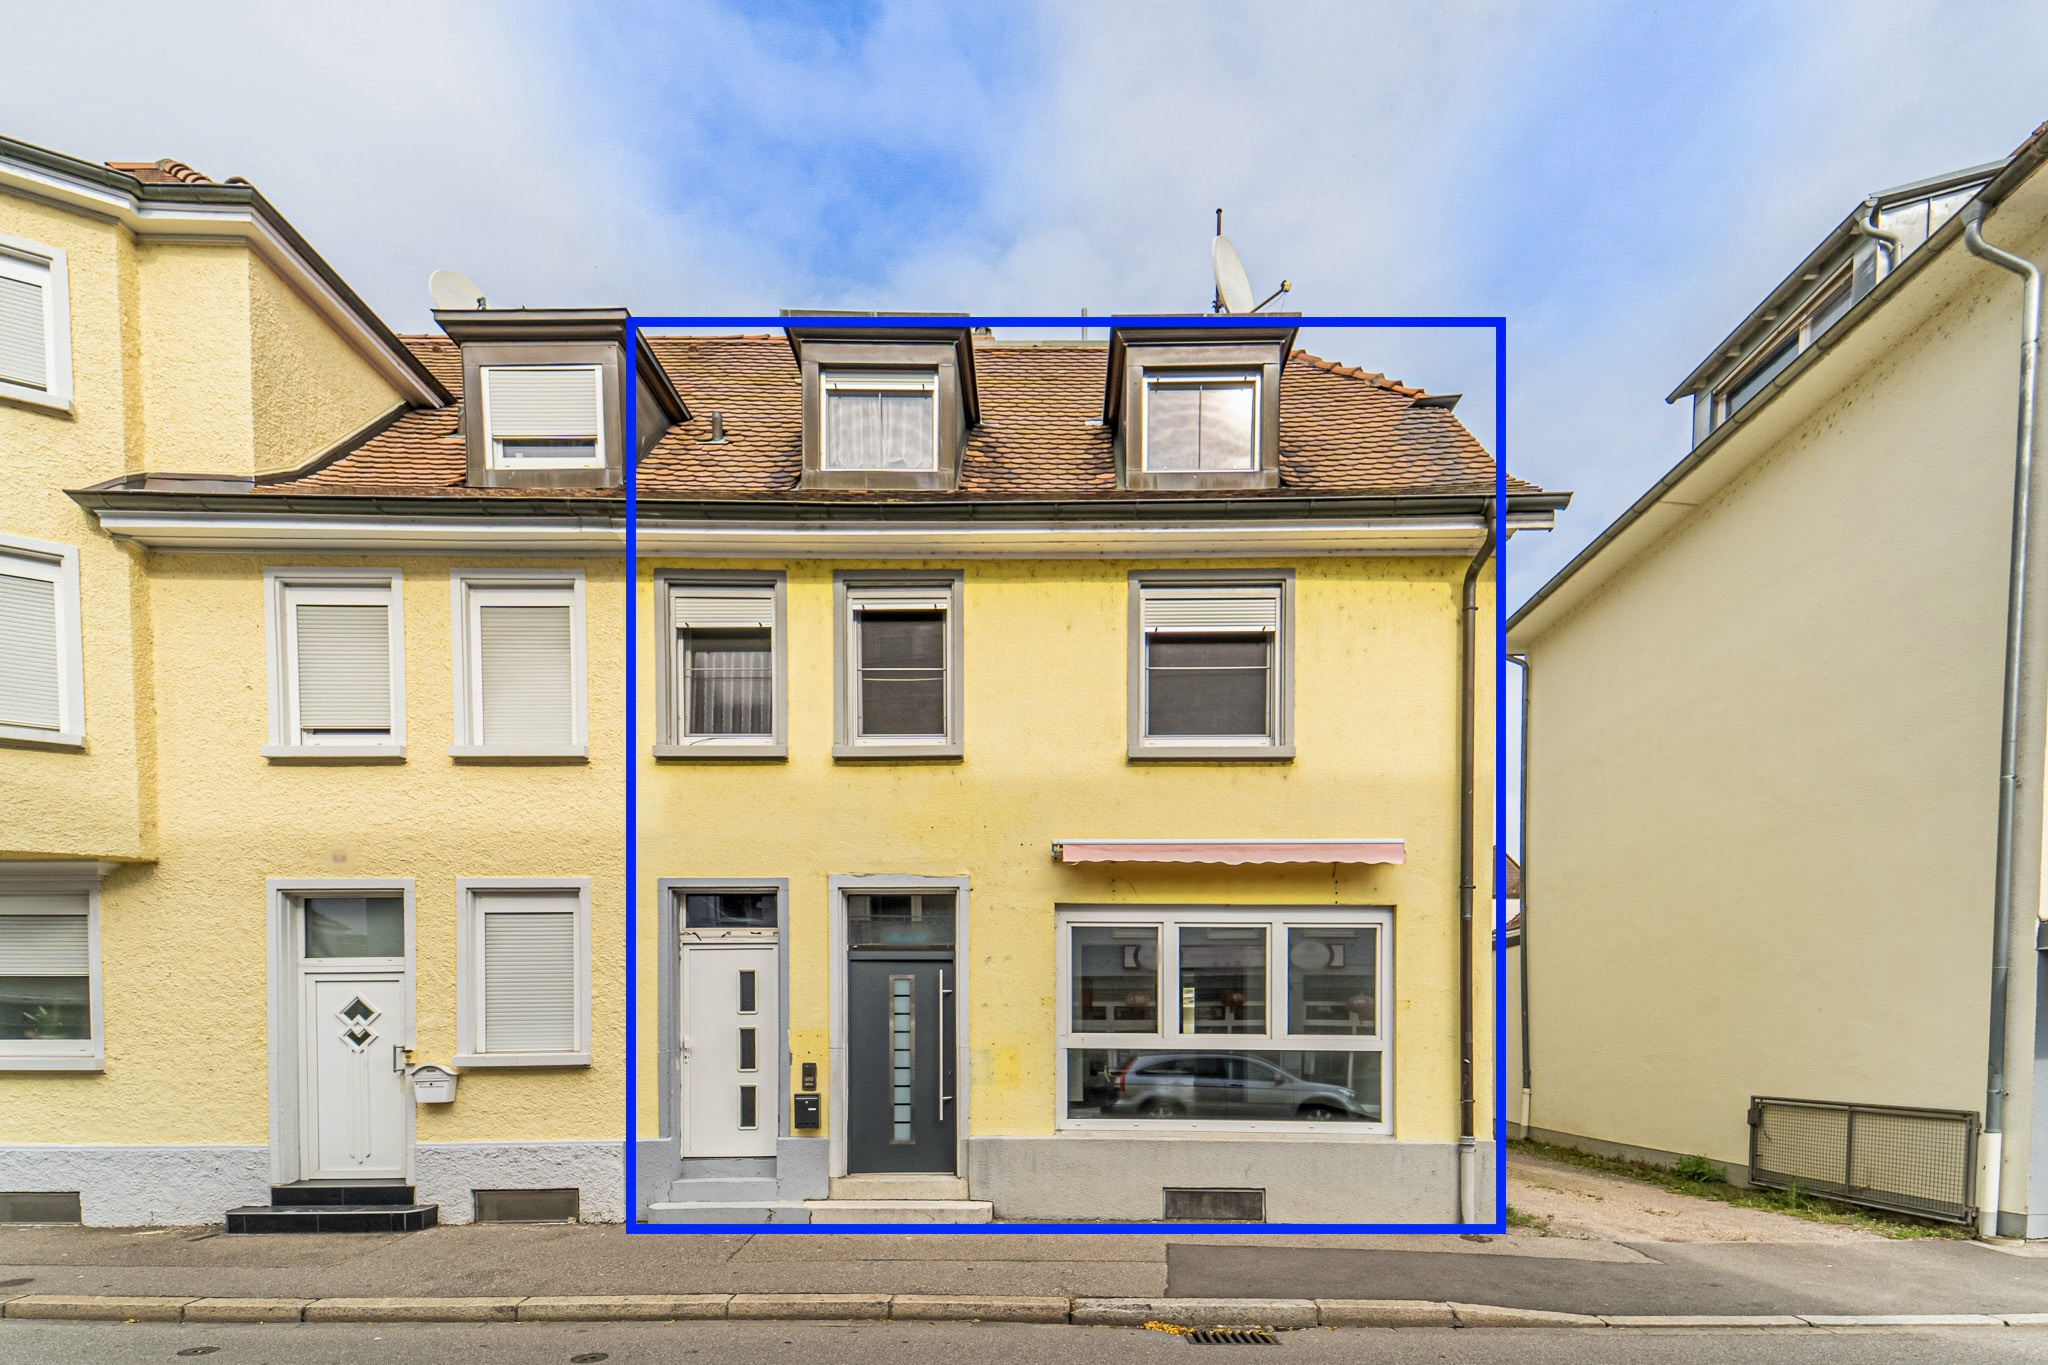 Beste Citylage! Wohn-u. Geschäftsimmobilie nahe Fußgängerzone mitten im Herzen von Rheinfelden (Baden)